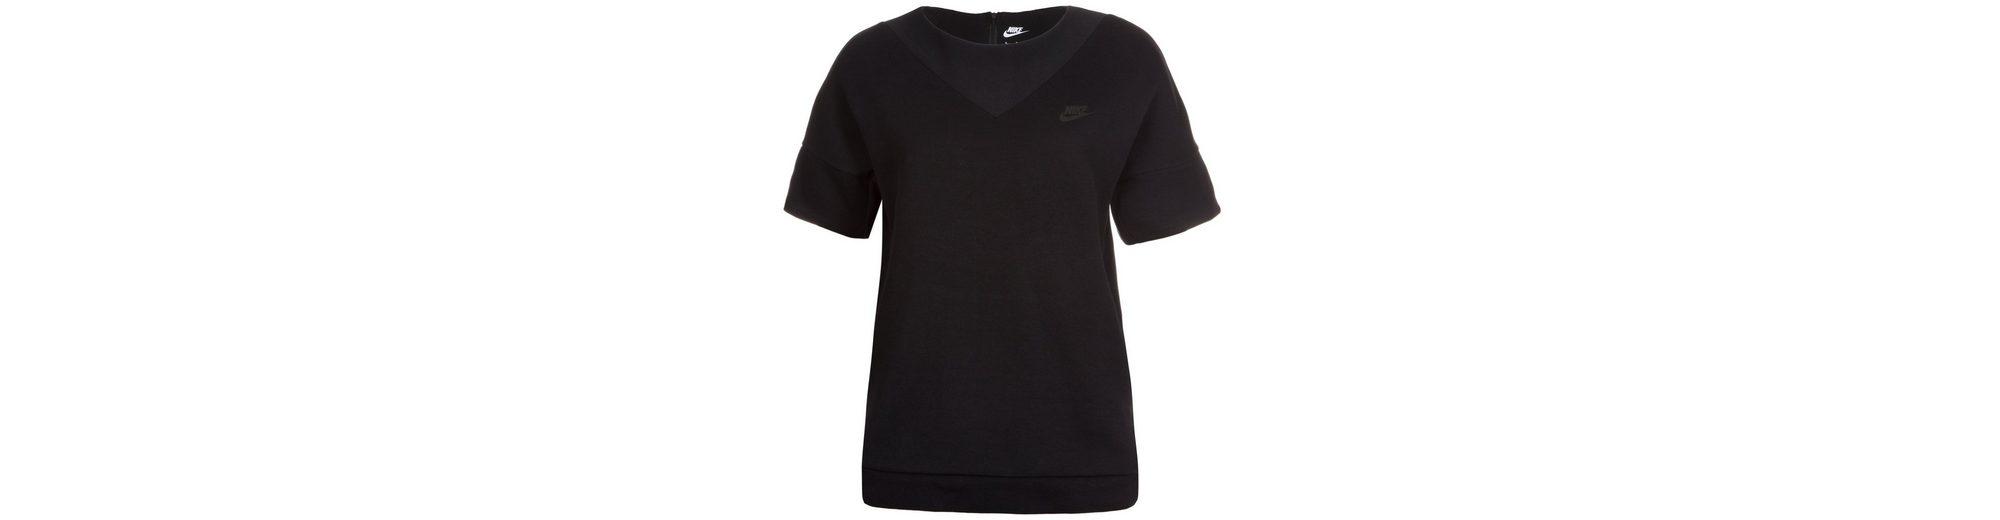 Nike Sportswear Tech Fleece Crew Sweatshirt Damen Ebay Verkauf Online MdshMeHPF0